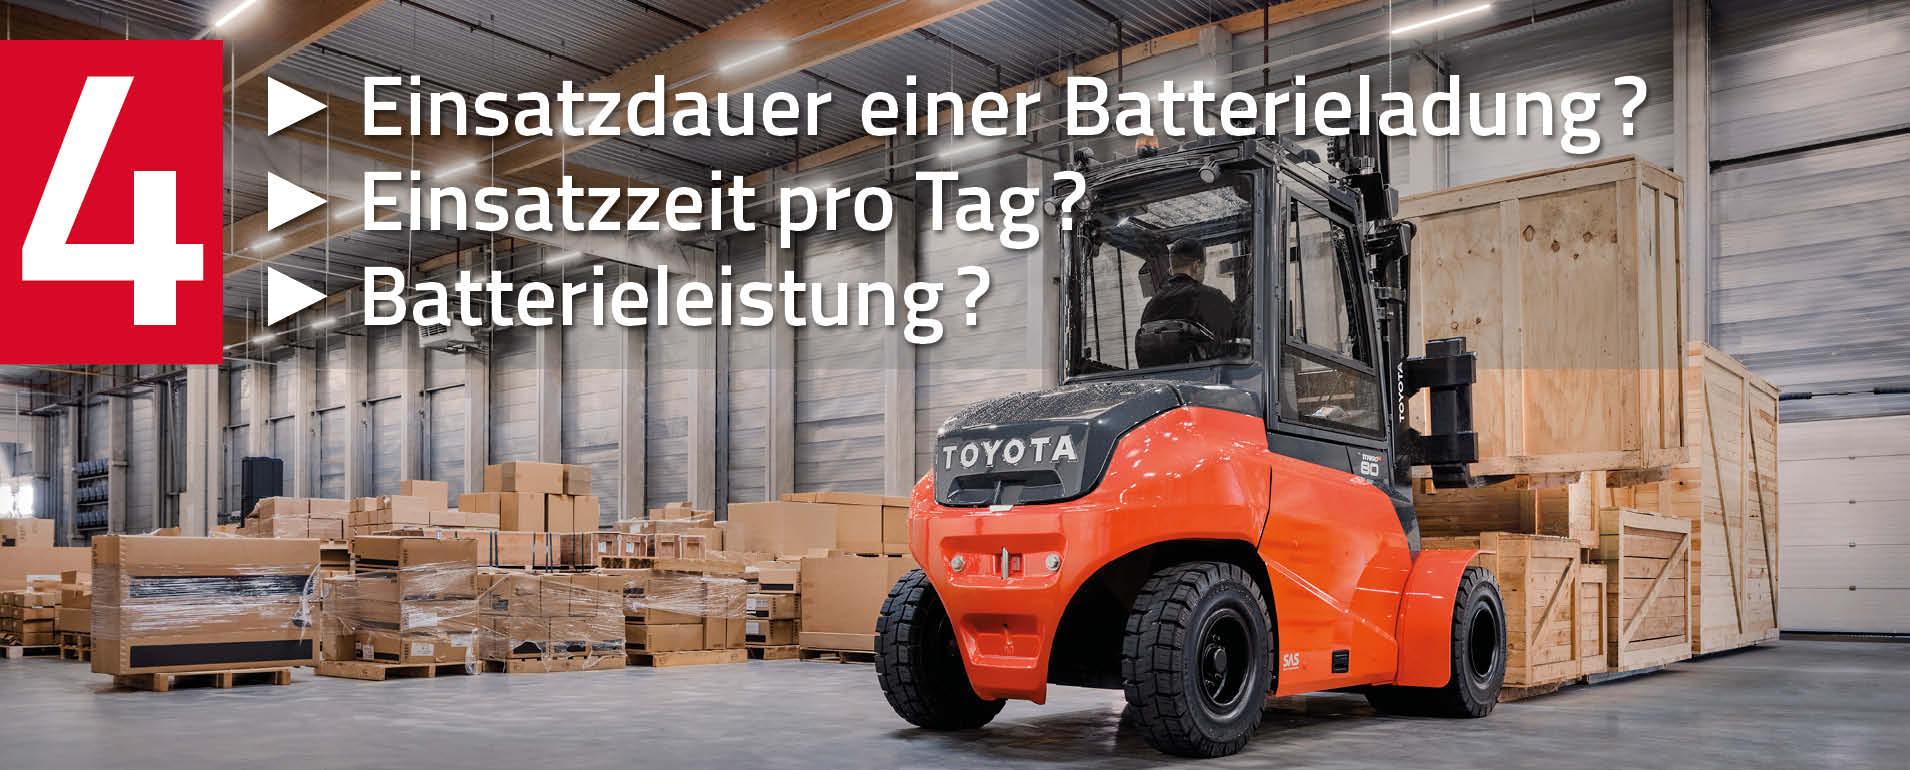 Toyota-Gabelstapler-ITL Lagertechnik Blog 5 Schritte zum perfekten Gabelstapler Hubwagen Flurfoerderzeug Beratung Unterstuetzung Tipps 5